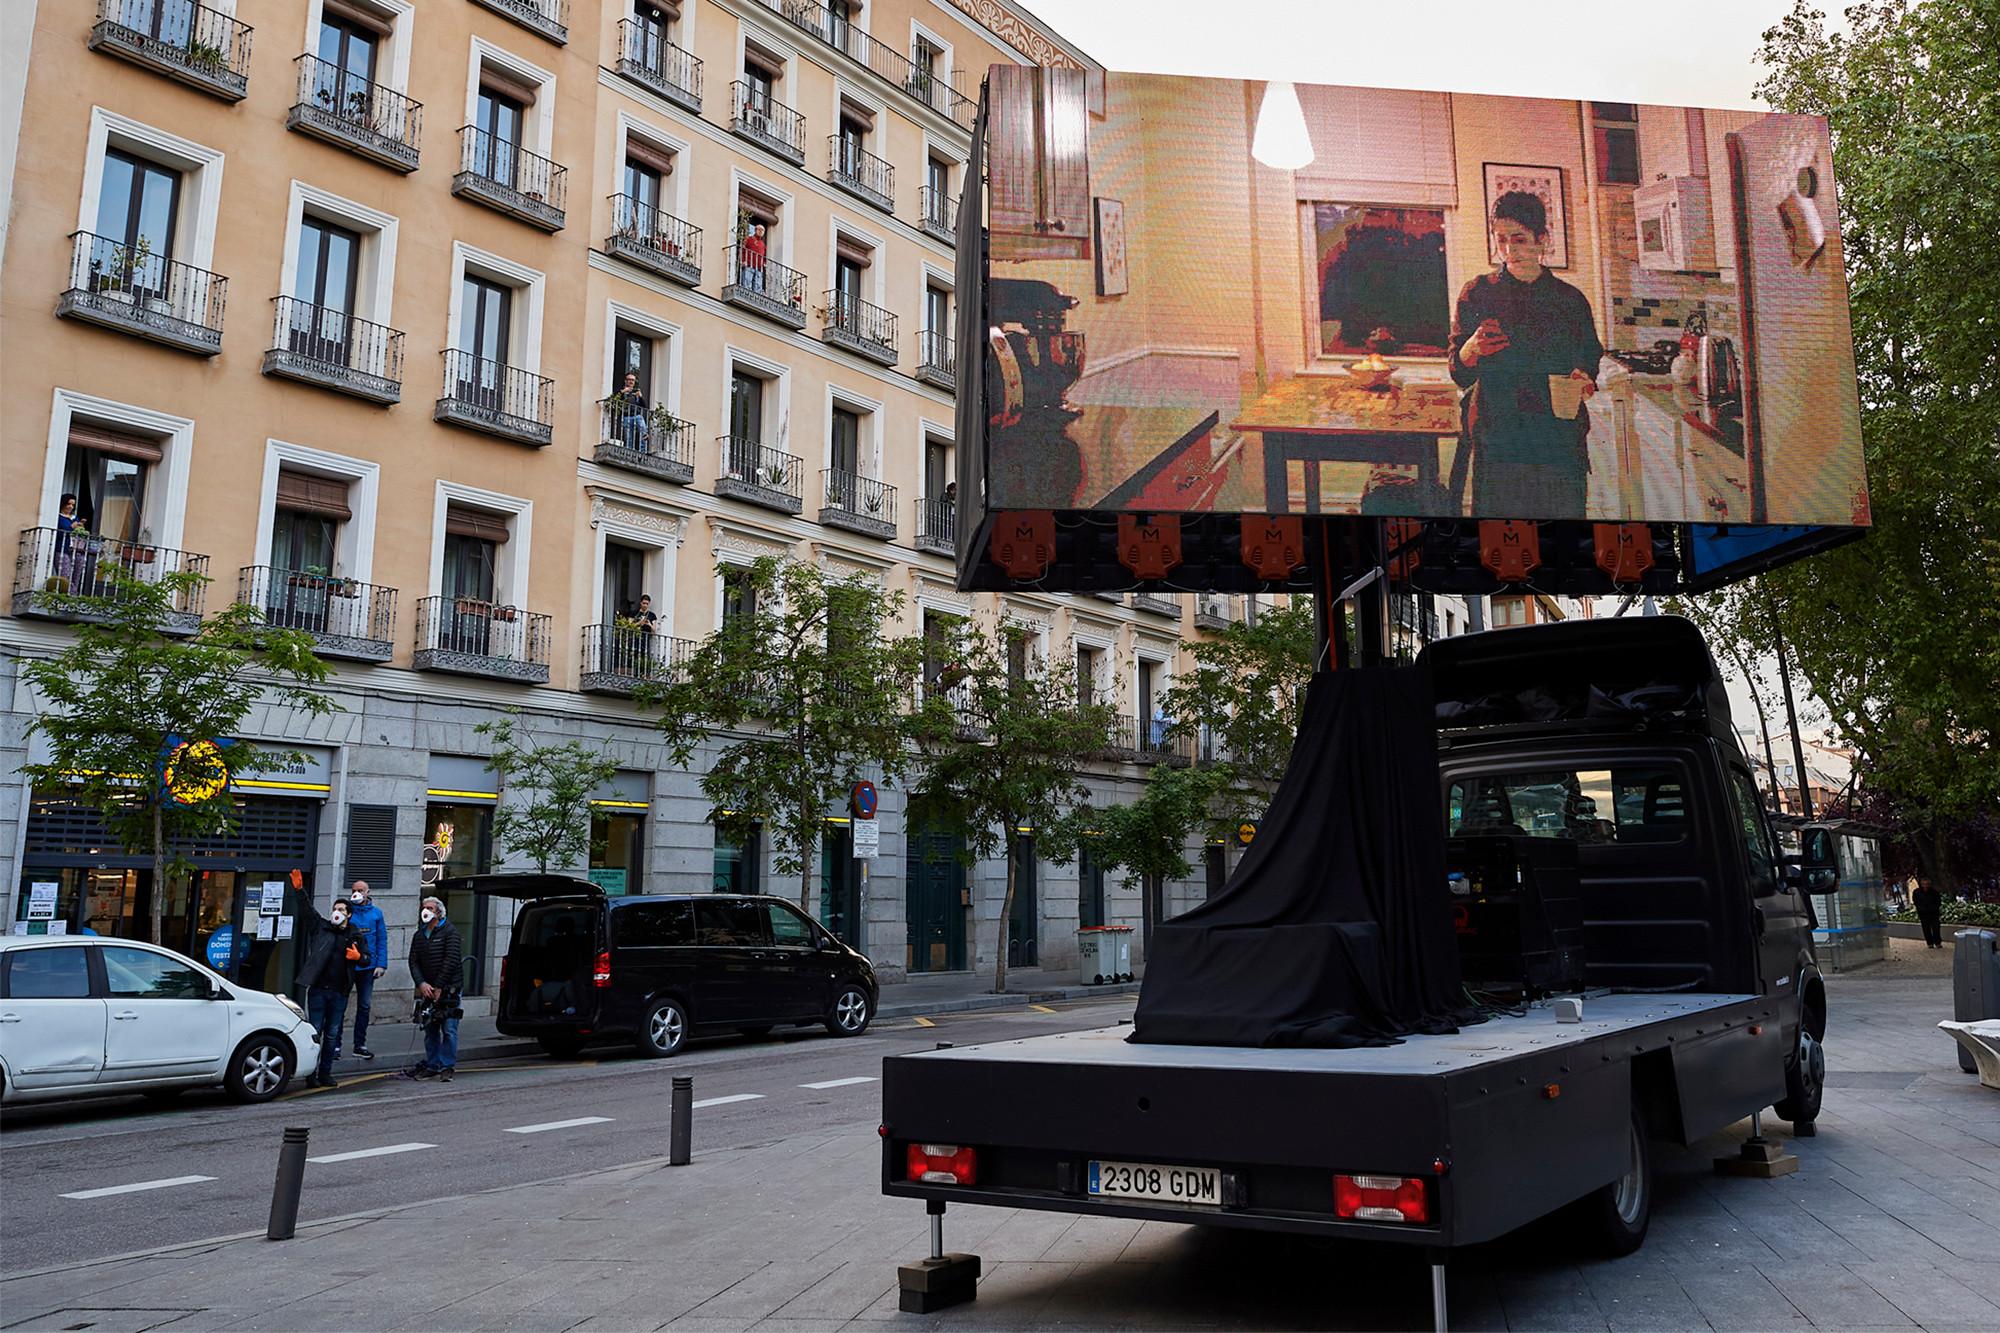 Kinema nga ballkonet e Madritit, spanjollët shikojnë filma në kohë karantine